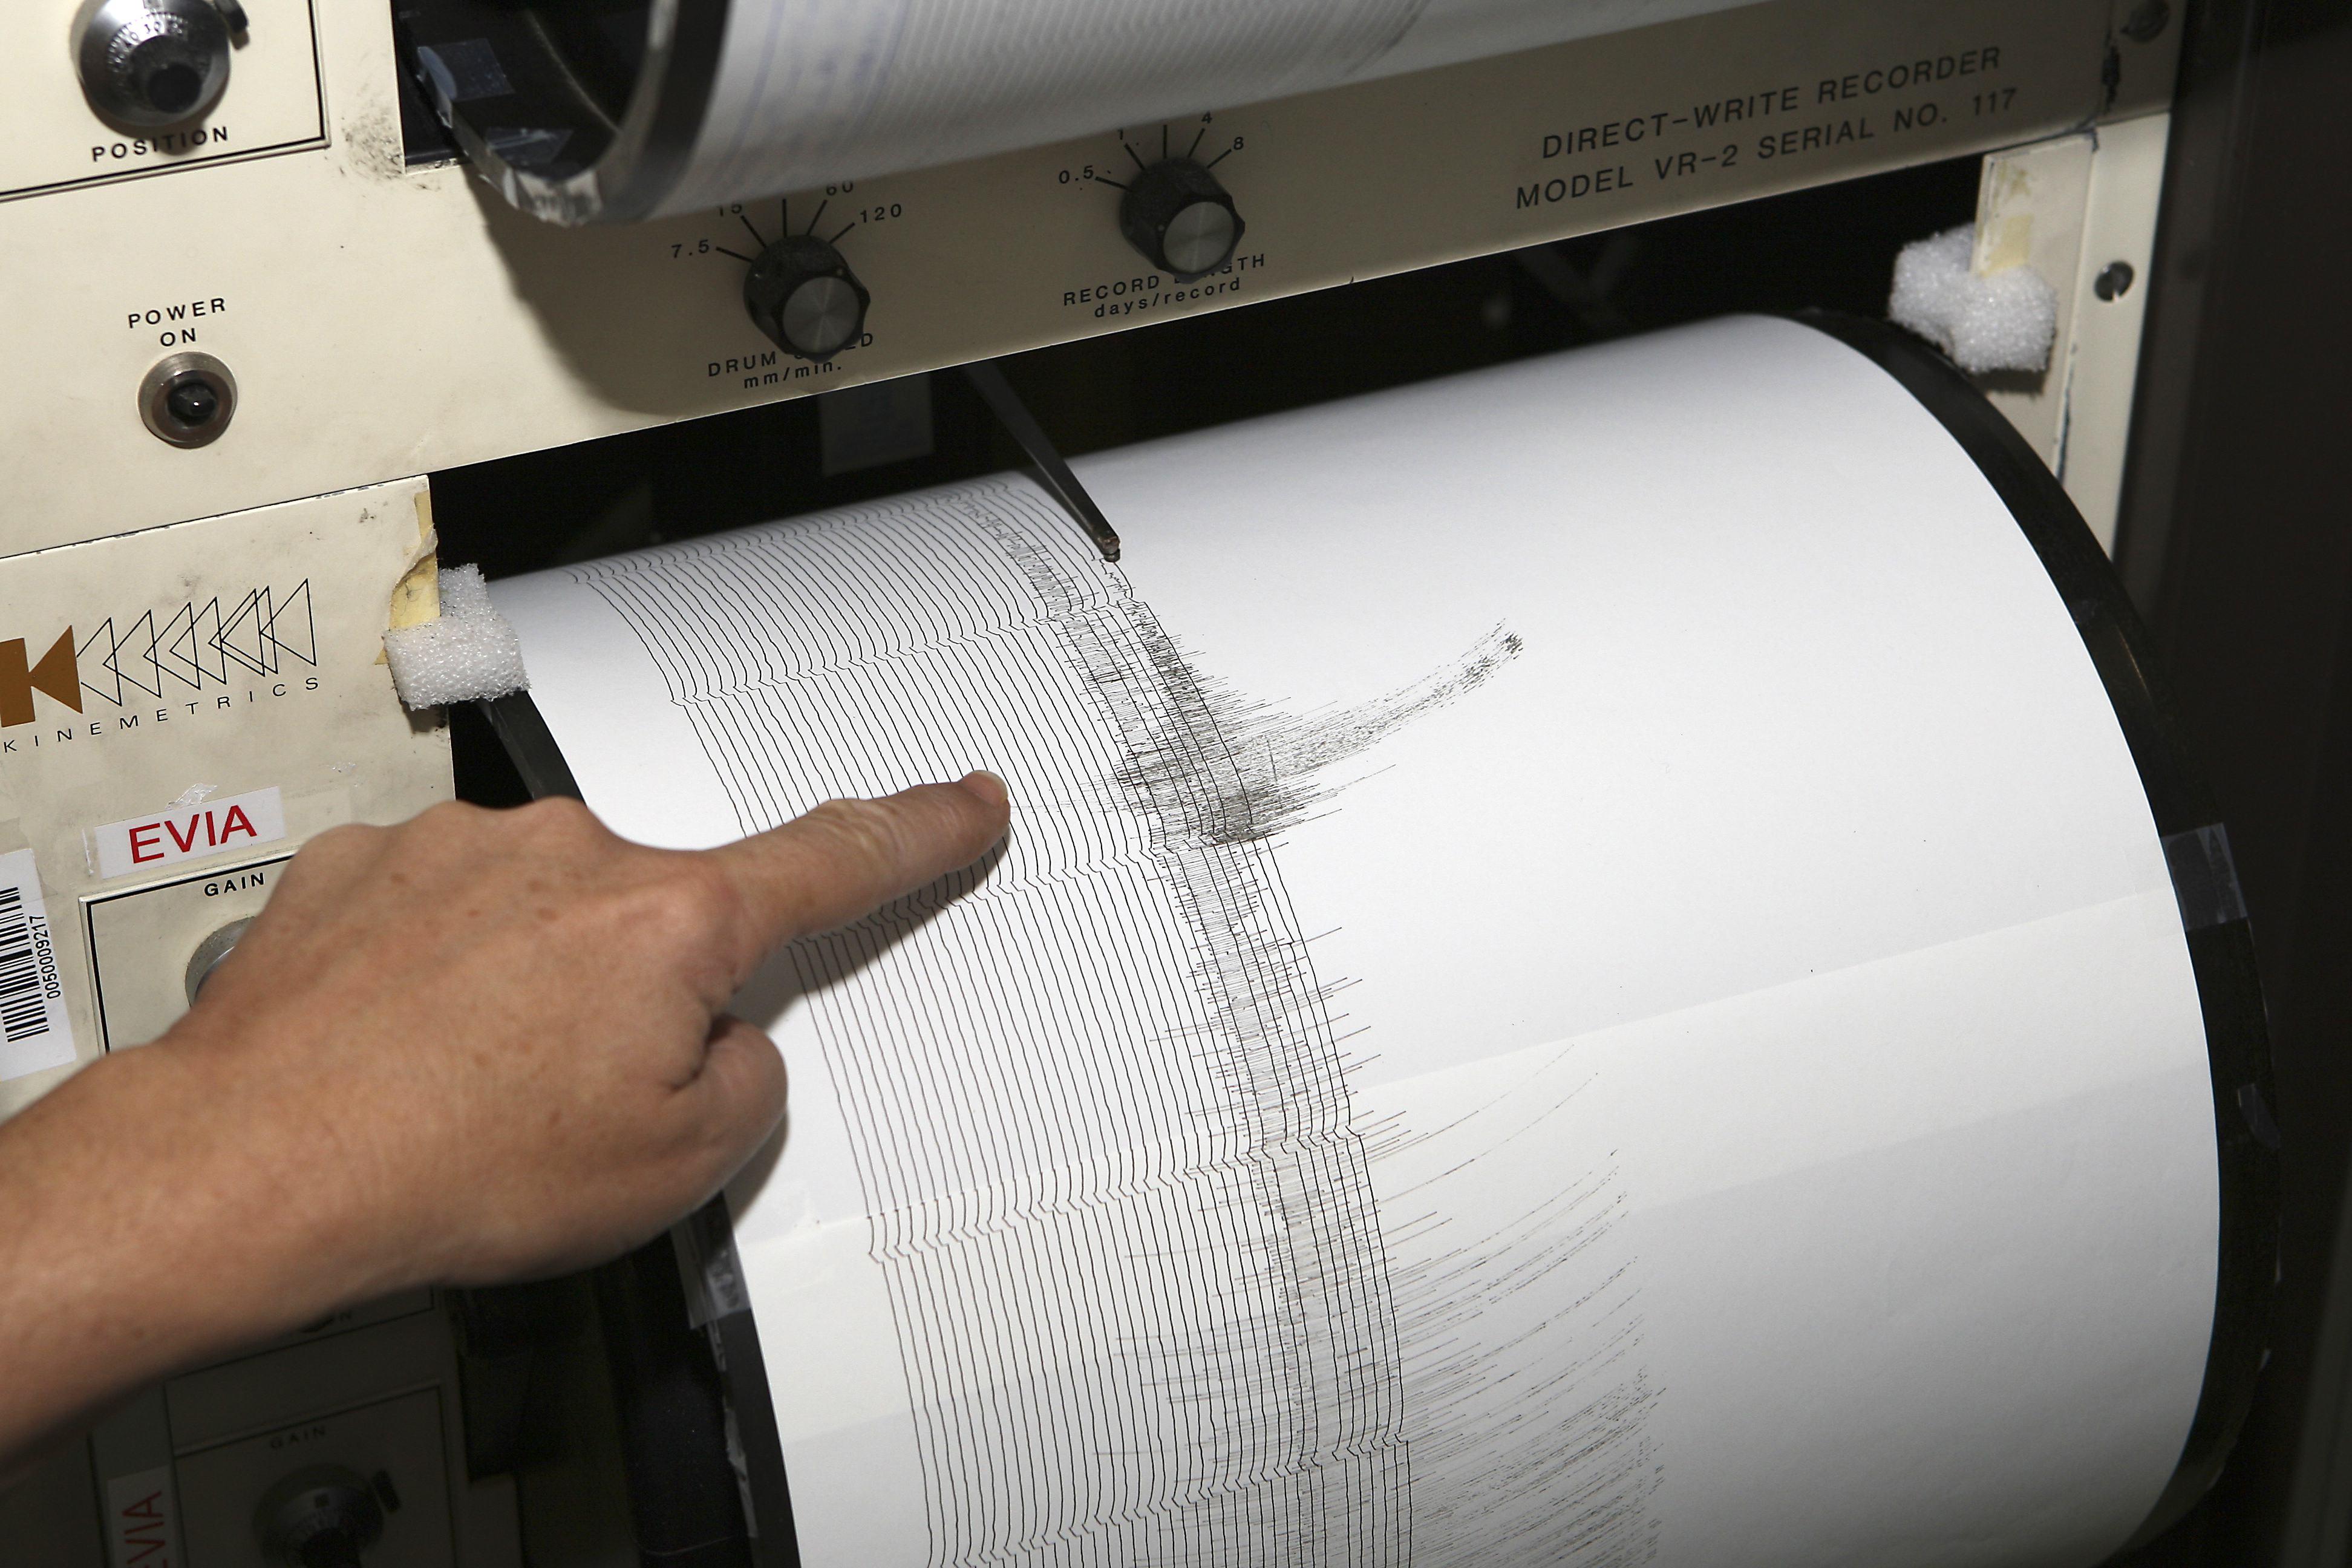 Terremoto, scossa 4.7 in provincia di Macerata: torna la paura, scuole chiuse